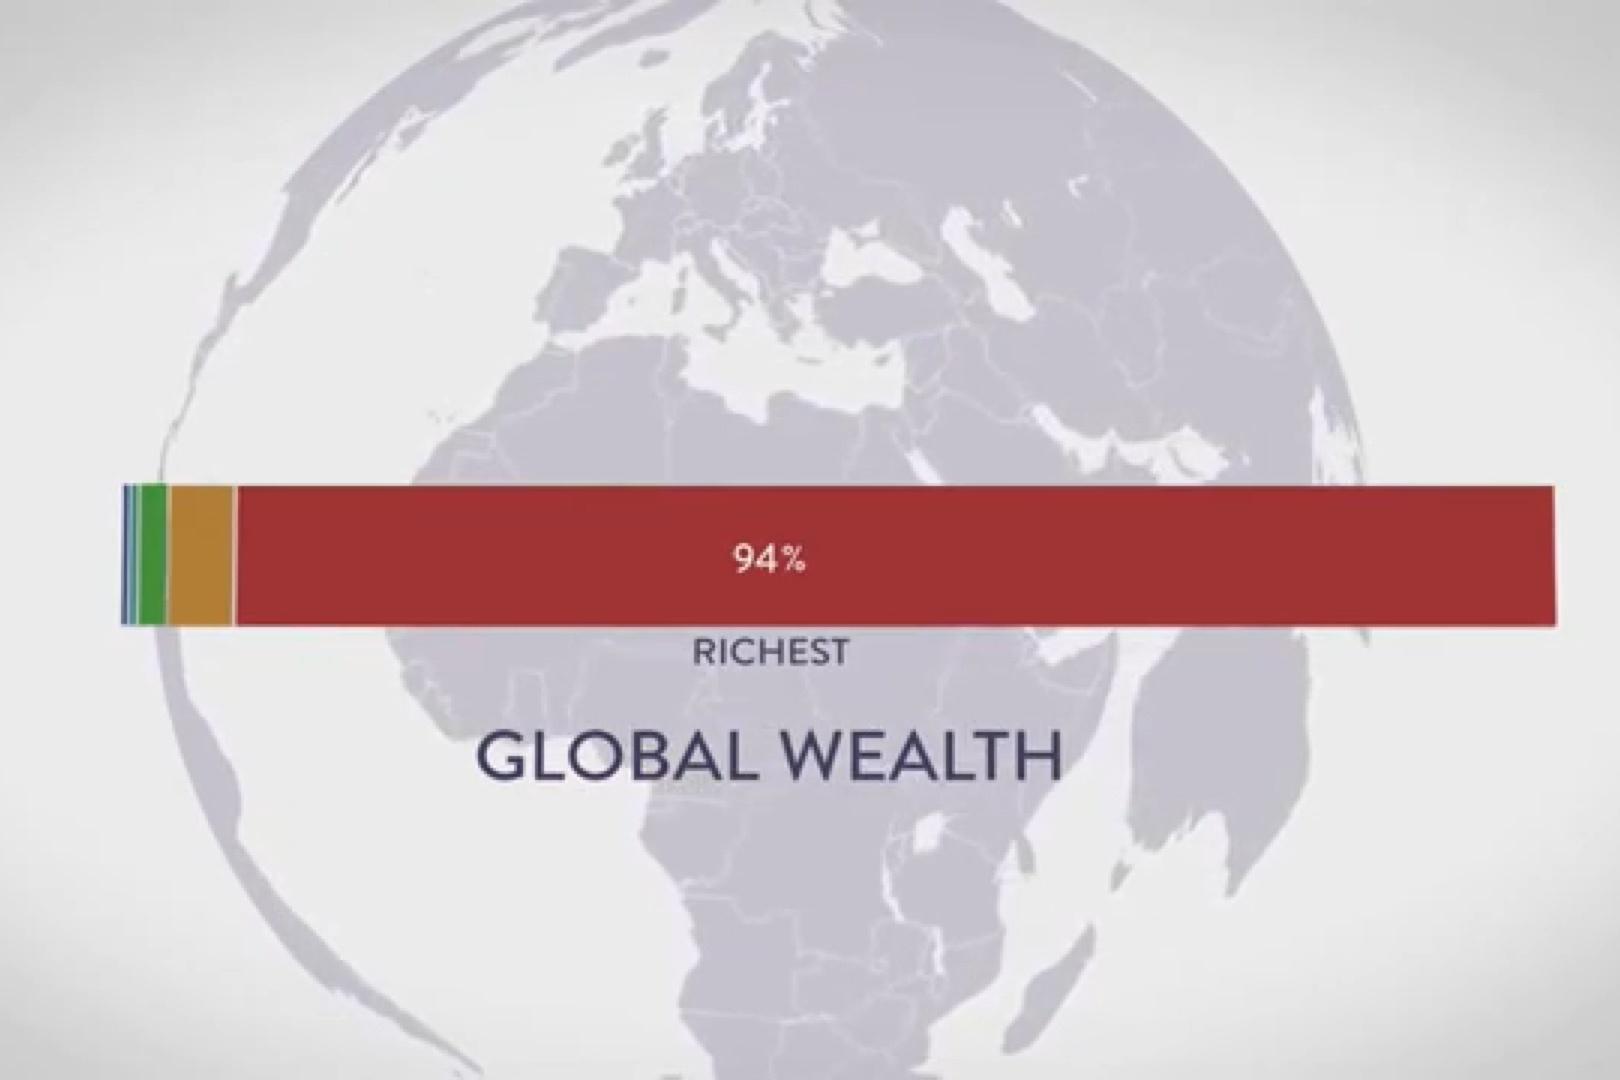 فیلم   آماری از توزیع ثروت در جهان که شگفتزدهتان میکند